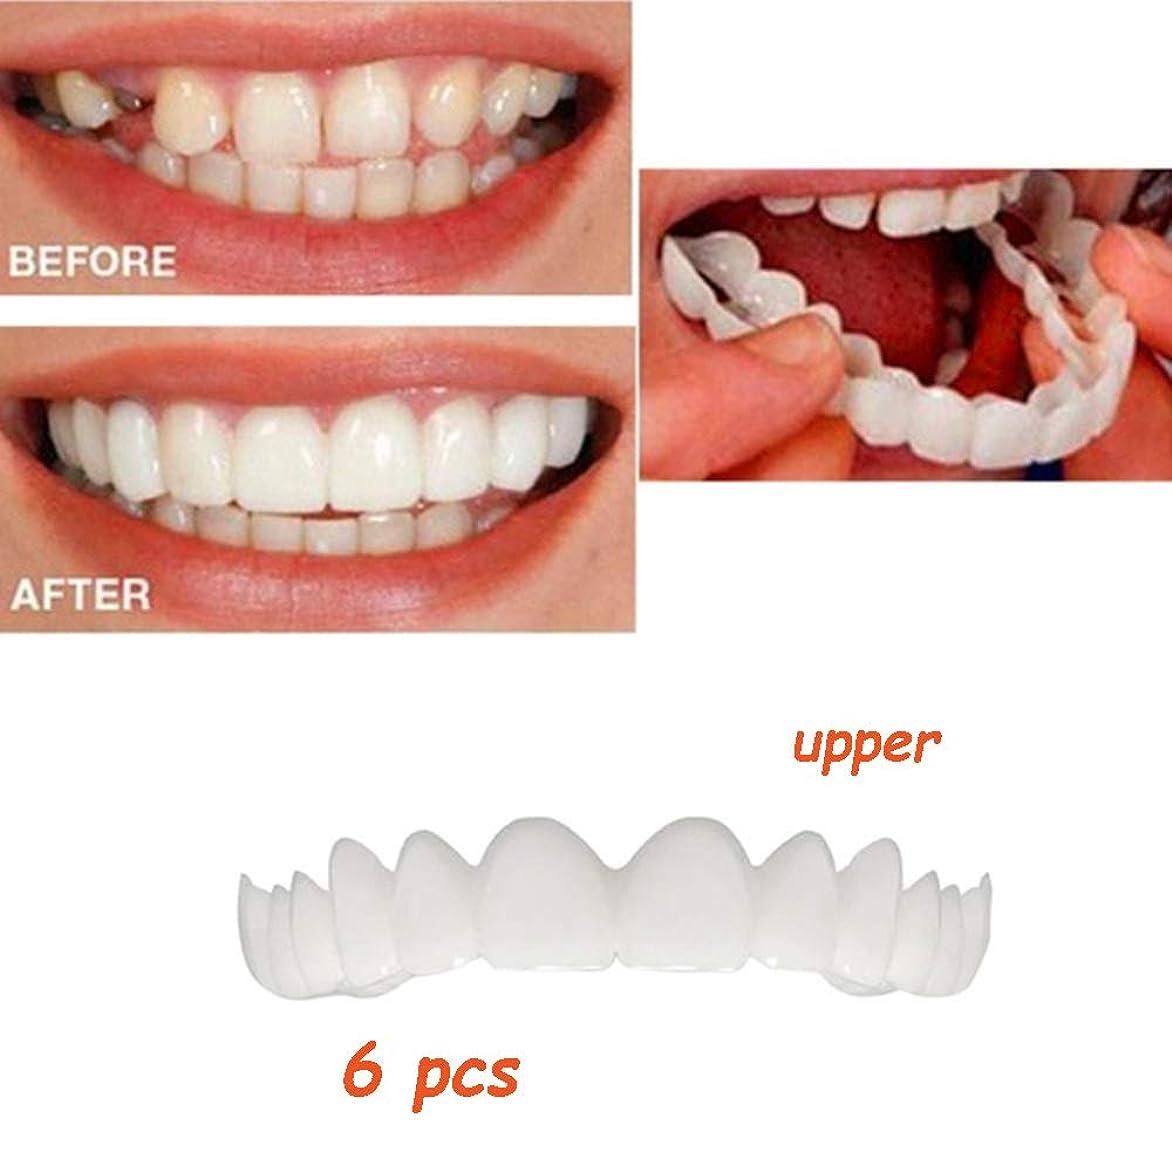 異邦人おとなしい船乗り偽の歯のトップ自信を持って笑顔快適フィットフレックスホワイト歯義歯仮歯化粧品突き板ワンサイズフィット矯正(6個歯のトップ)